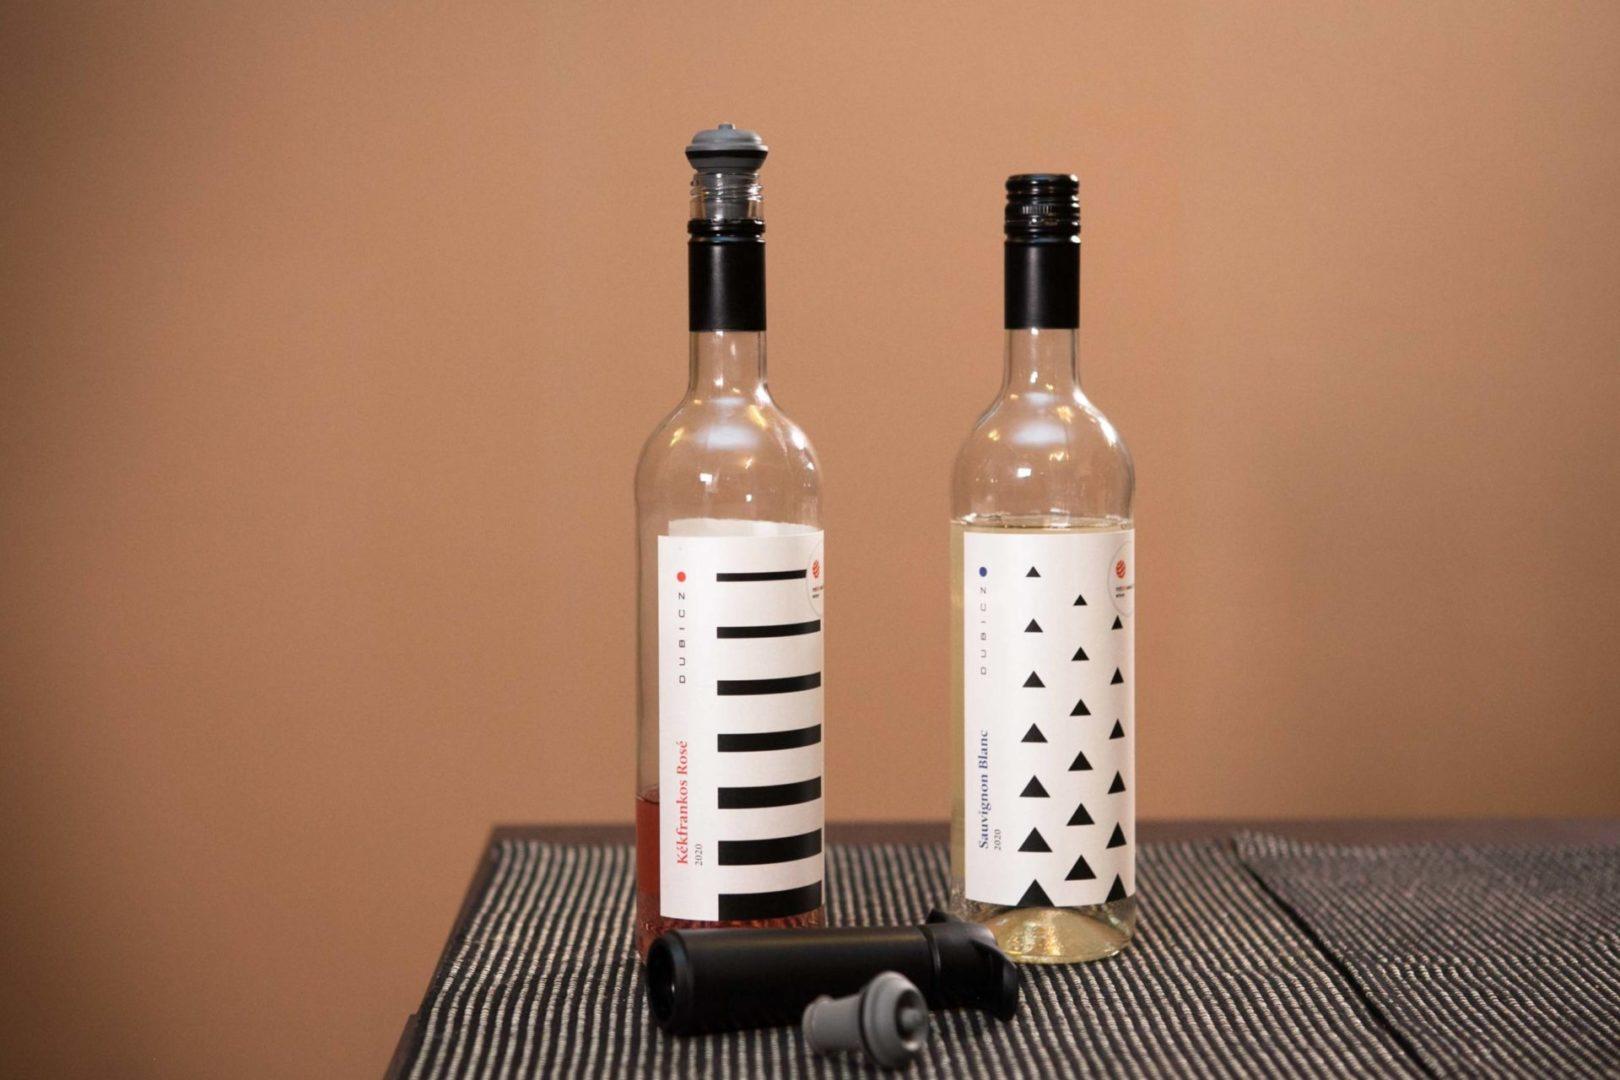 Hogyan tartsd frissen a bort? Szerezz be egy vákuumpumpát!